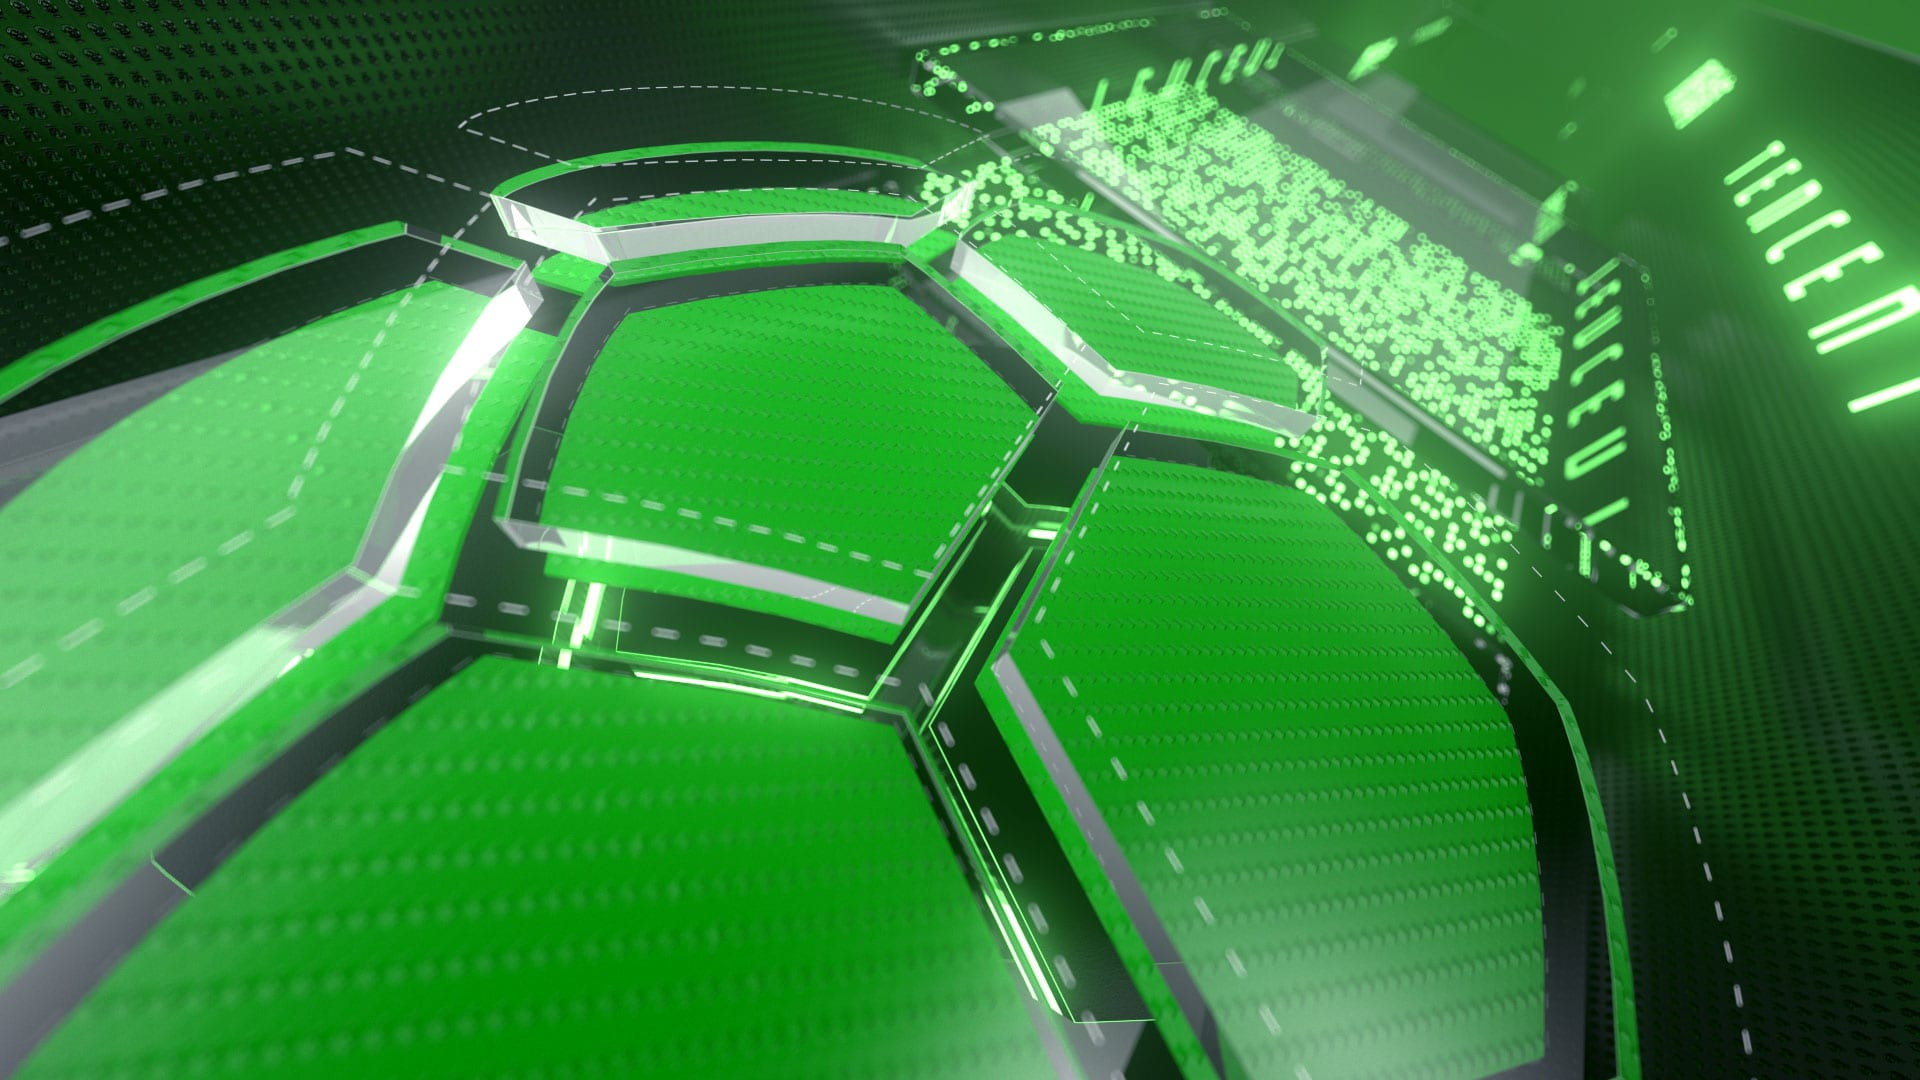 Soccer 30 01